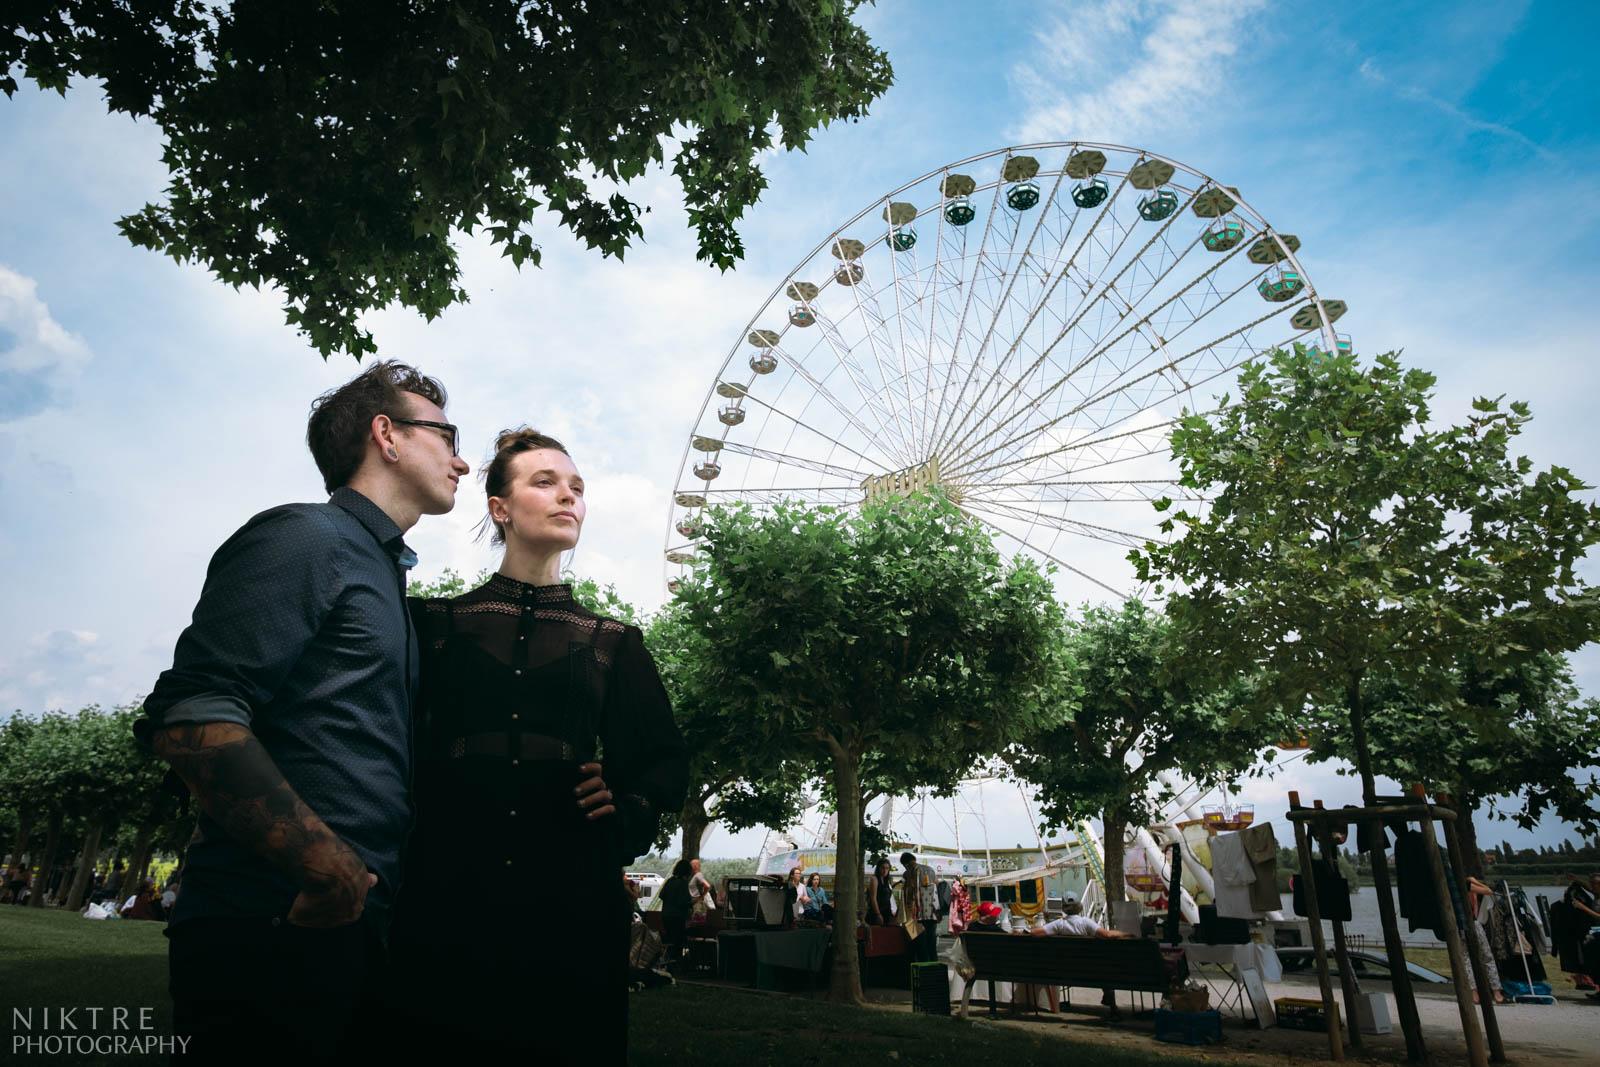 Paar Bild mit einem Riesenrad am Rheinufer in Mainz